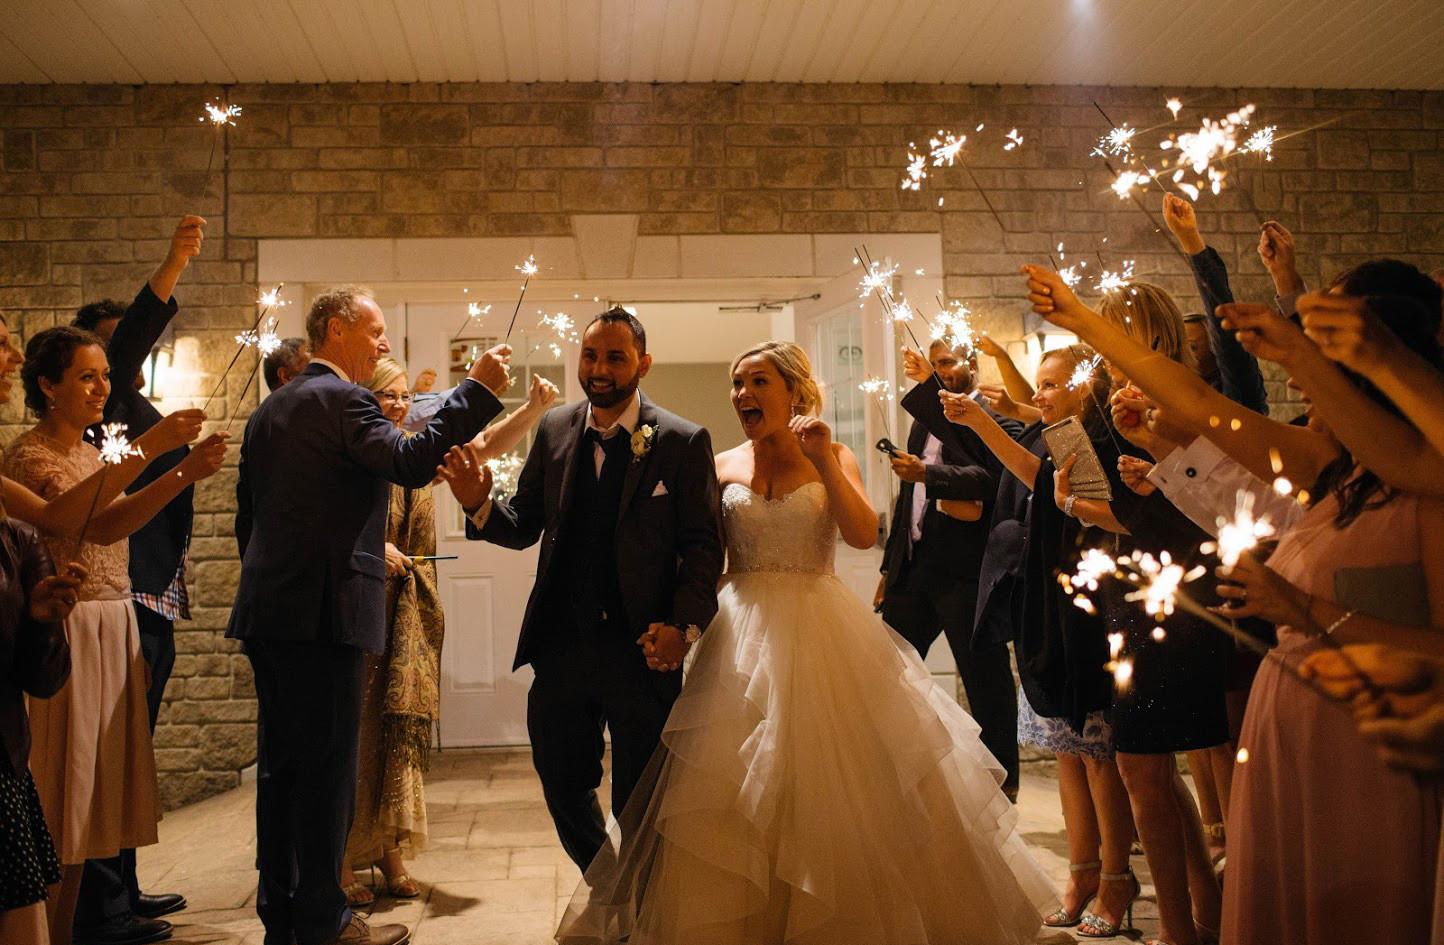 weddings_017.jpg